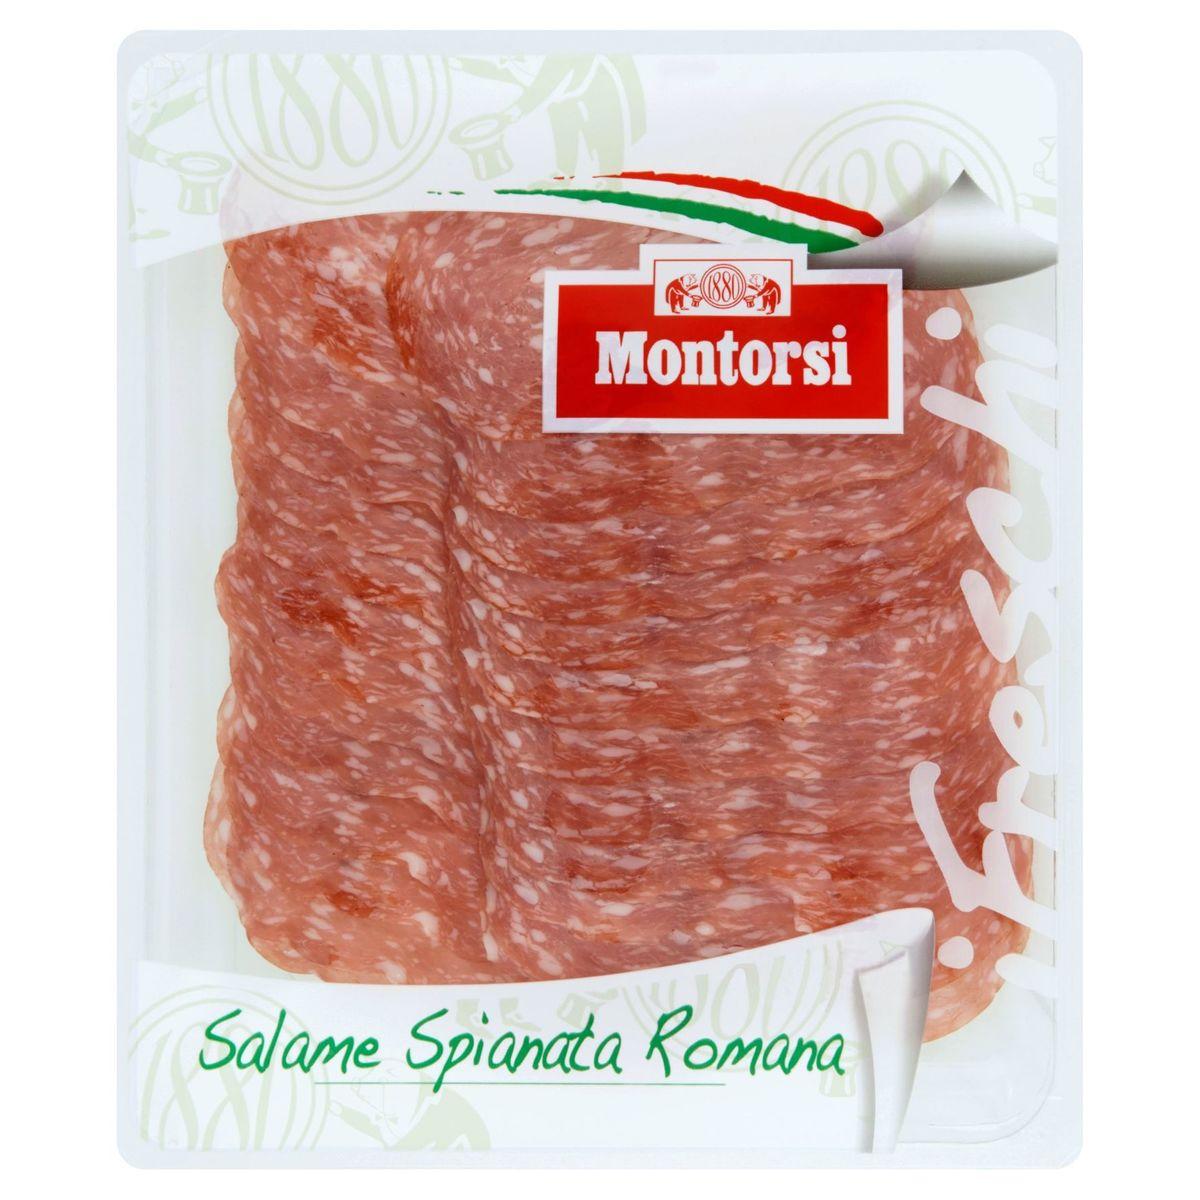 Montorsi Premium Salame Spianata Romana 100 g